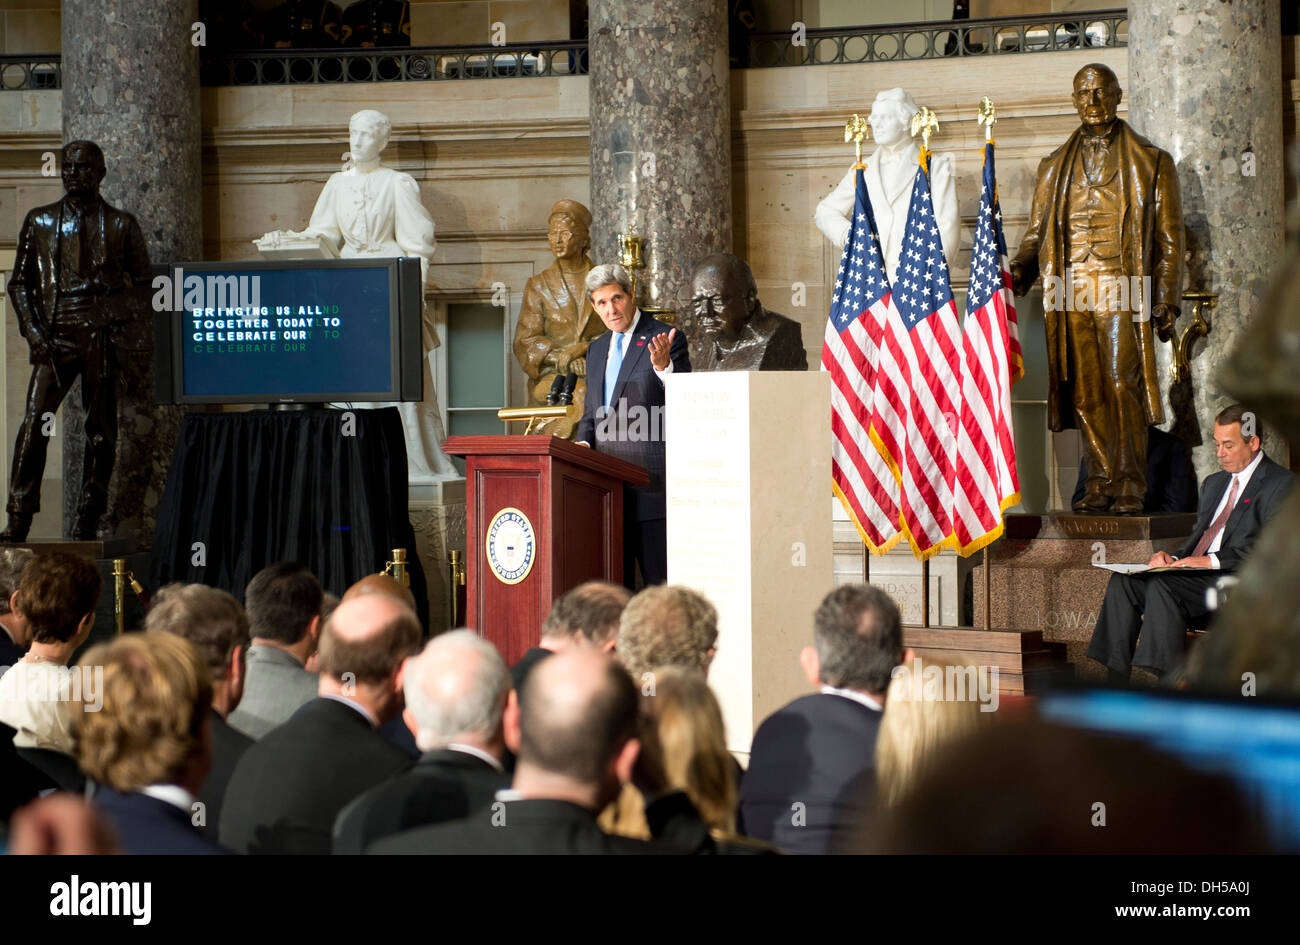 US-Außenminister John Kerry liefert Bemerkungen bei der Einweihung einer Büste von Winston Churchill auf das Kapitol in Washington, D.C., 30. Oktober 2013. Die Büste ist gemäß House Resolution 497, platziert wird, das von Haus Lautsprecher Joh verfasst wurde Stockfoto